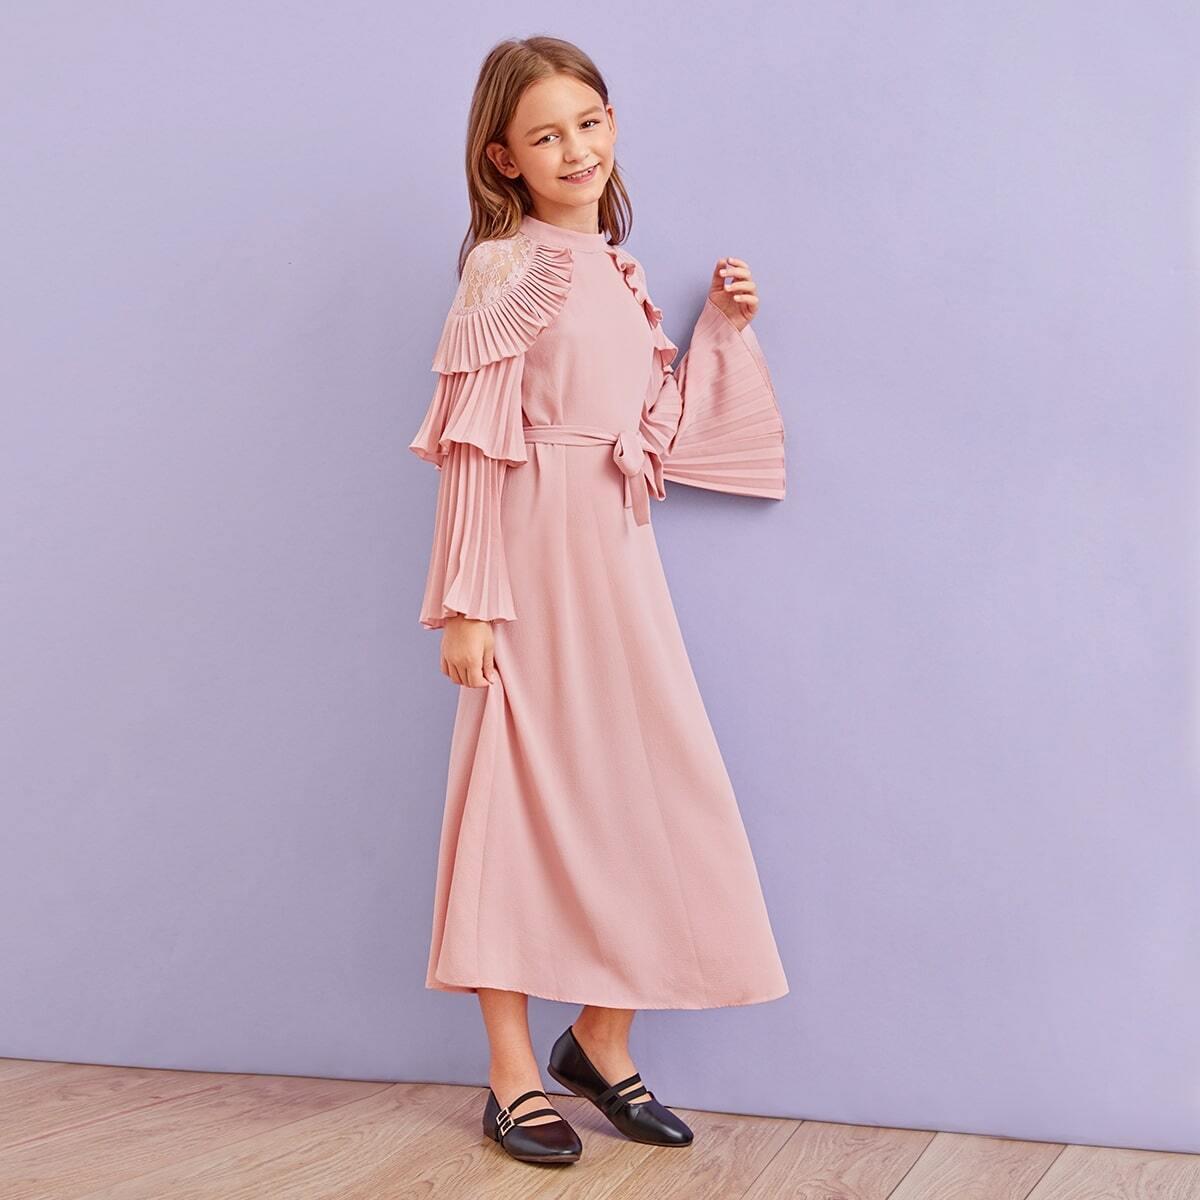 SHEIN / Mädchen Kleid mit Spitzen und Glockärmeln